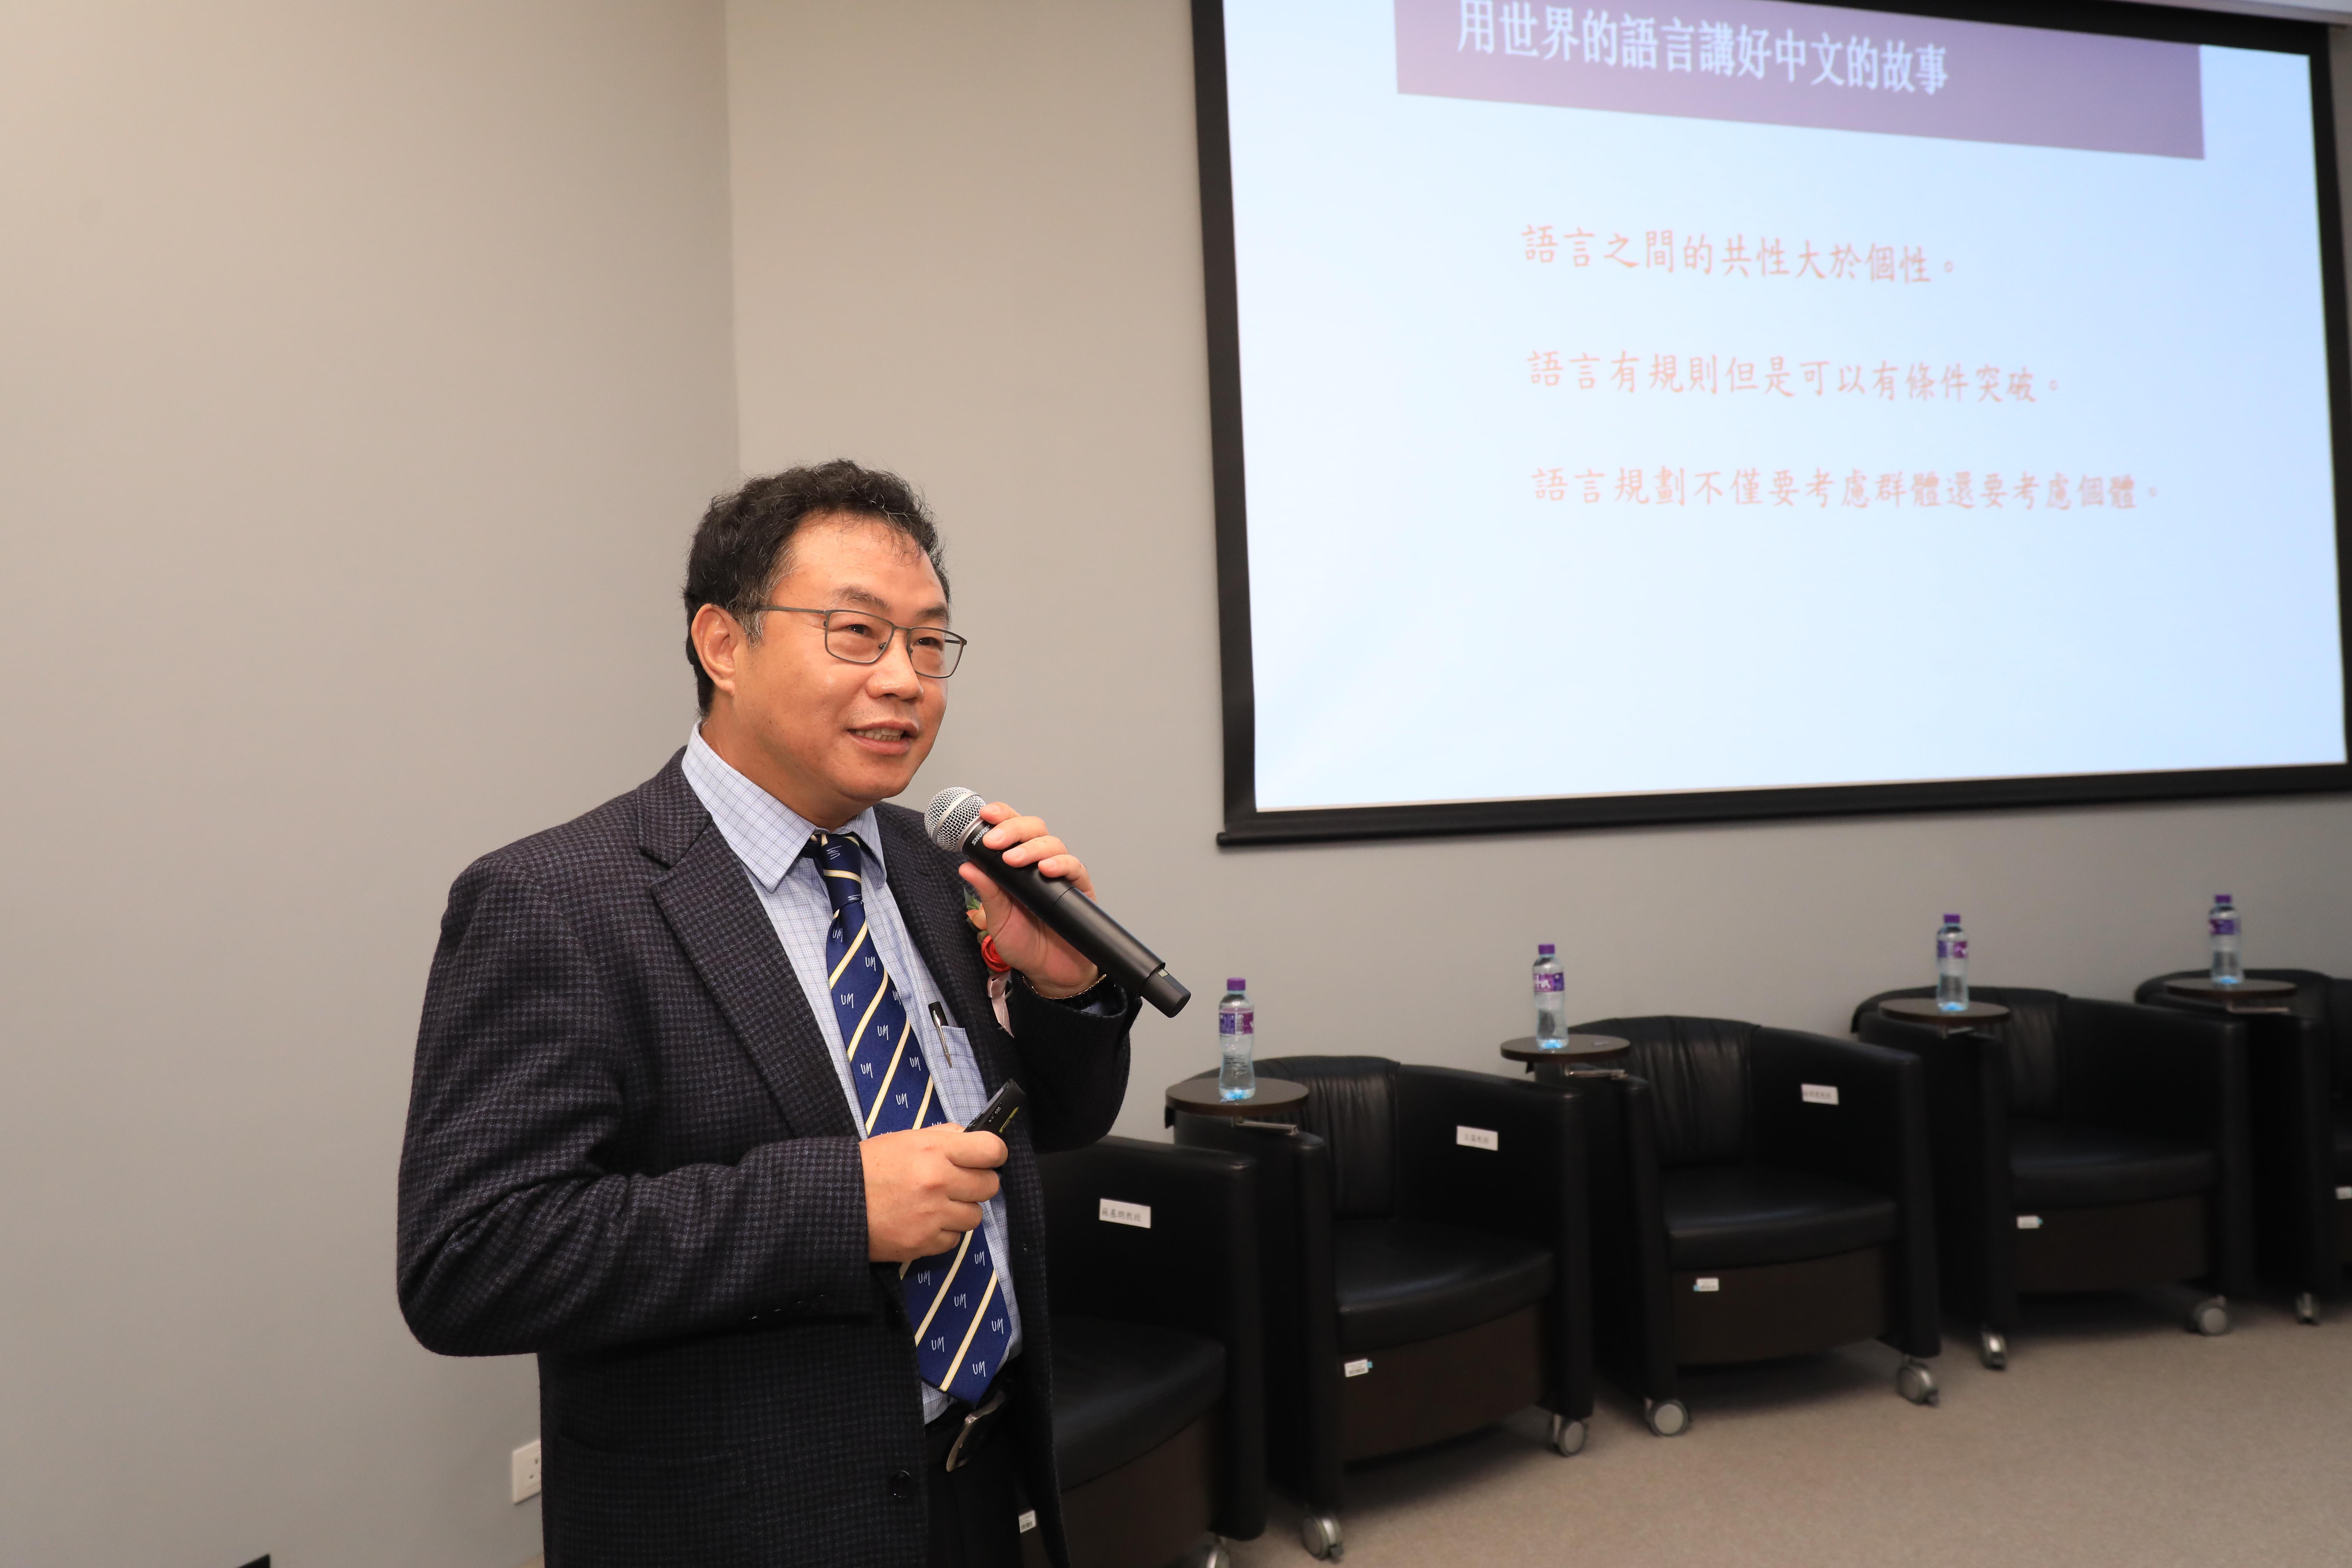 主講嘉賓:徐杰教授